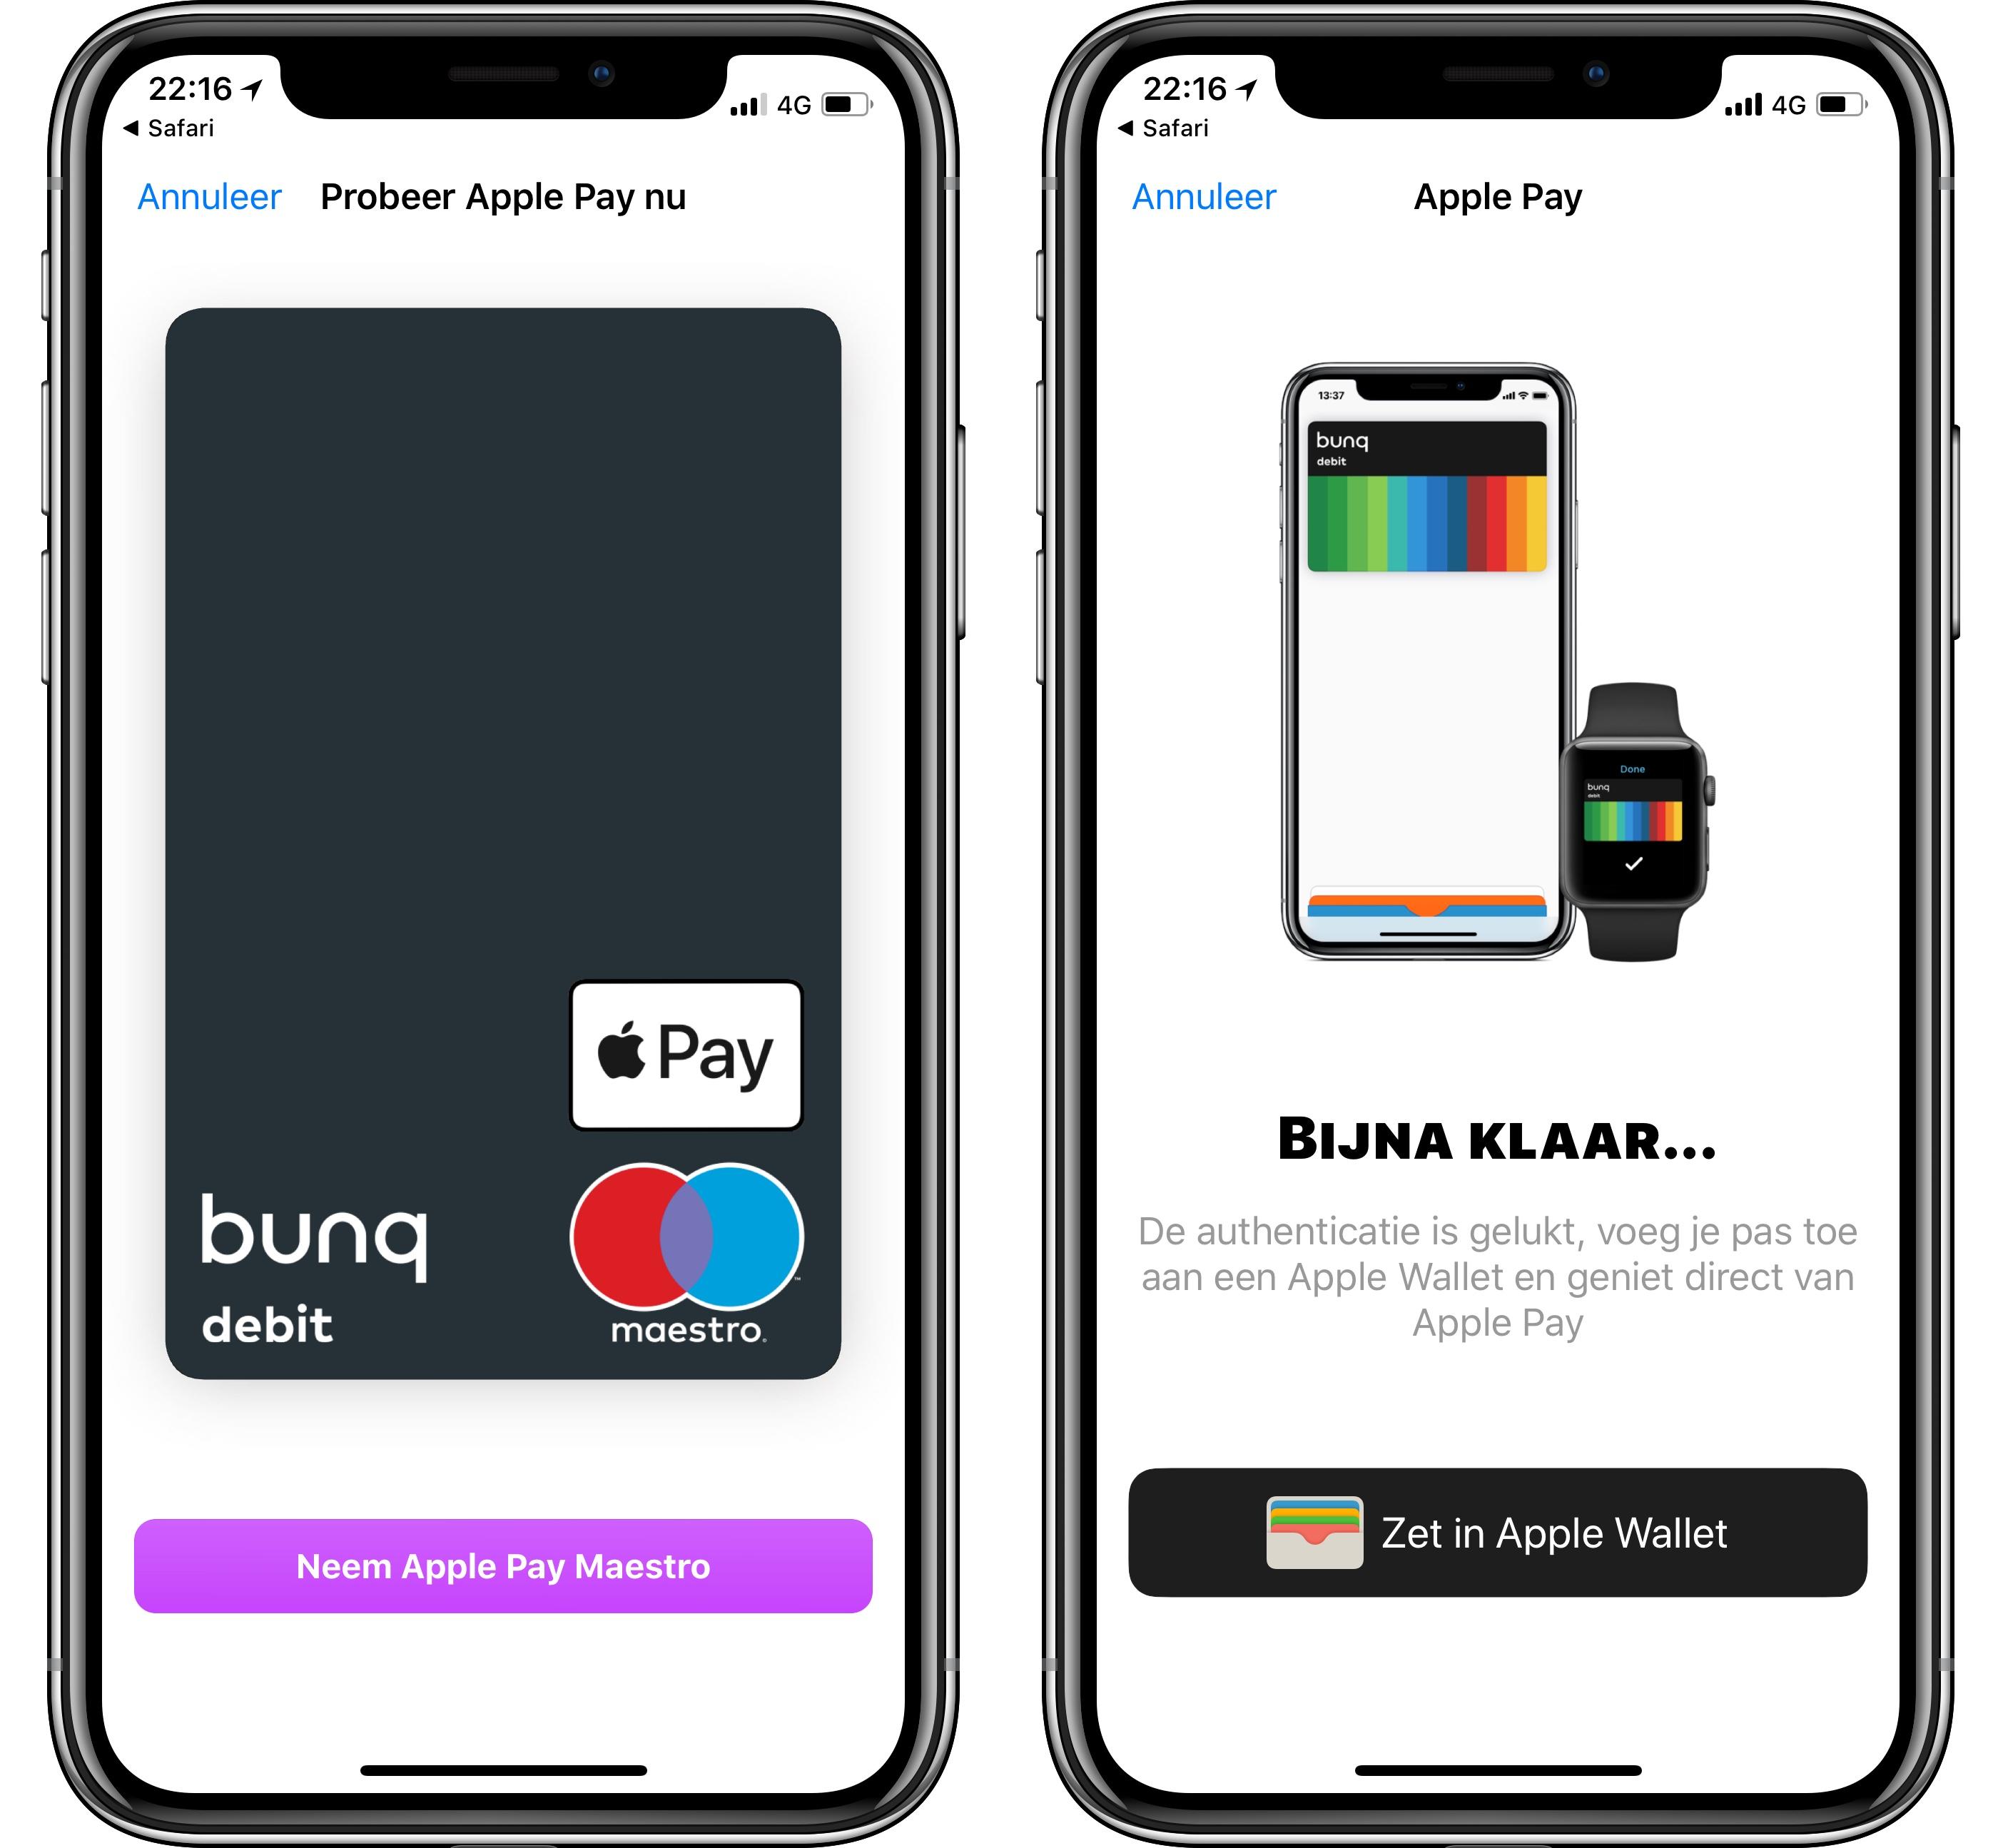 https://cdn.onemorething.nl/uploads/2018/03/Bunq-Apple-Pay-nederland-002.jpg